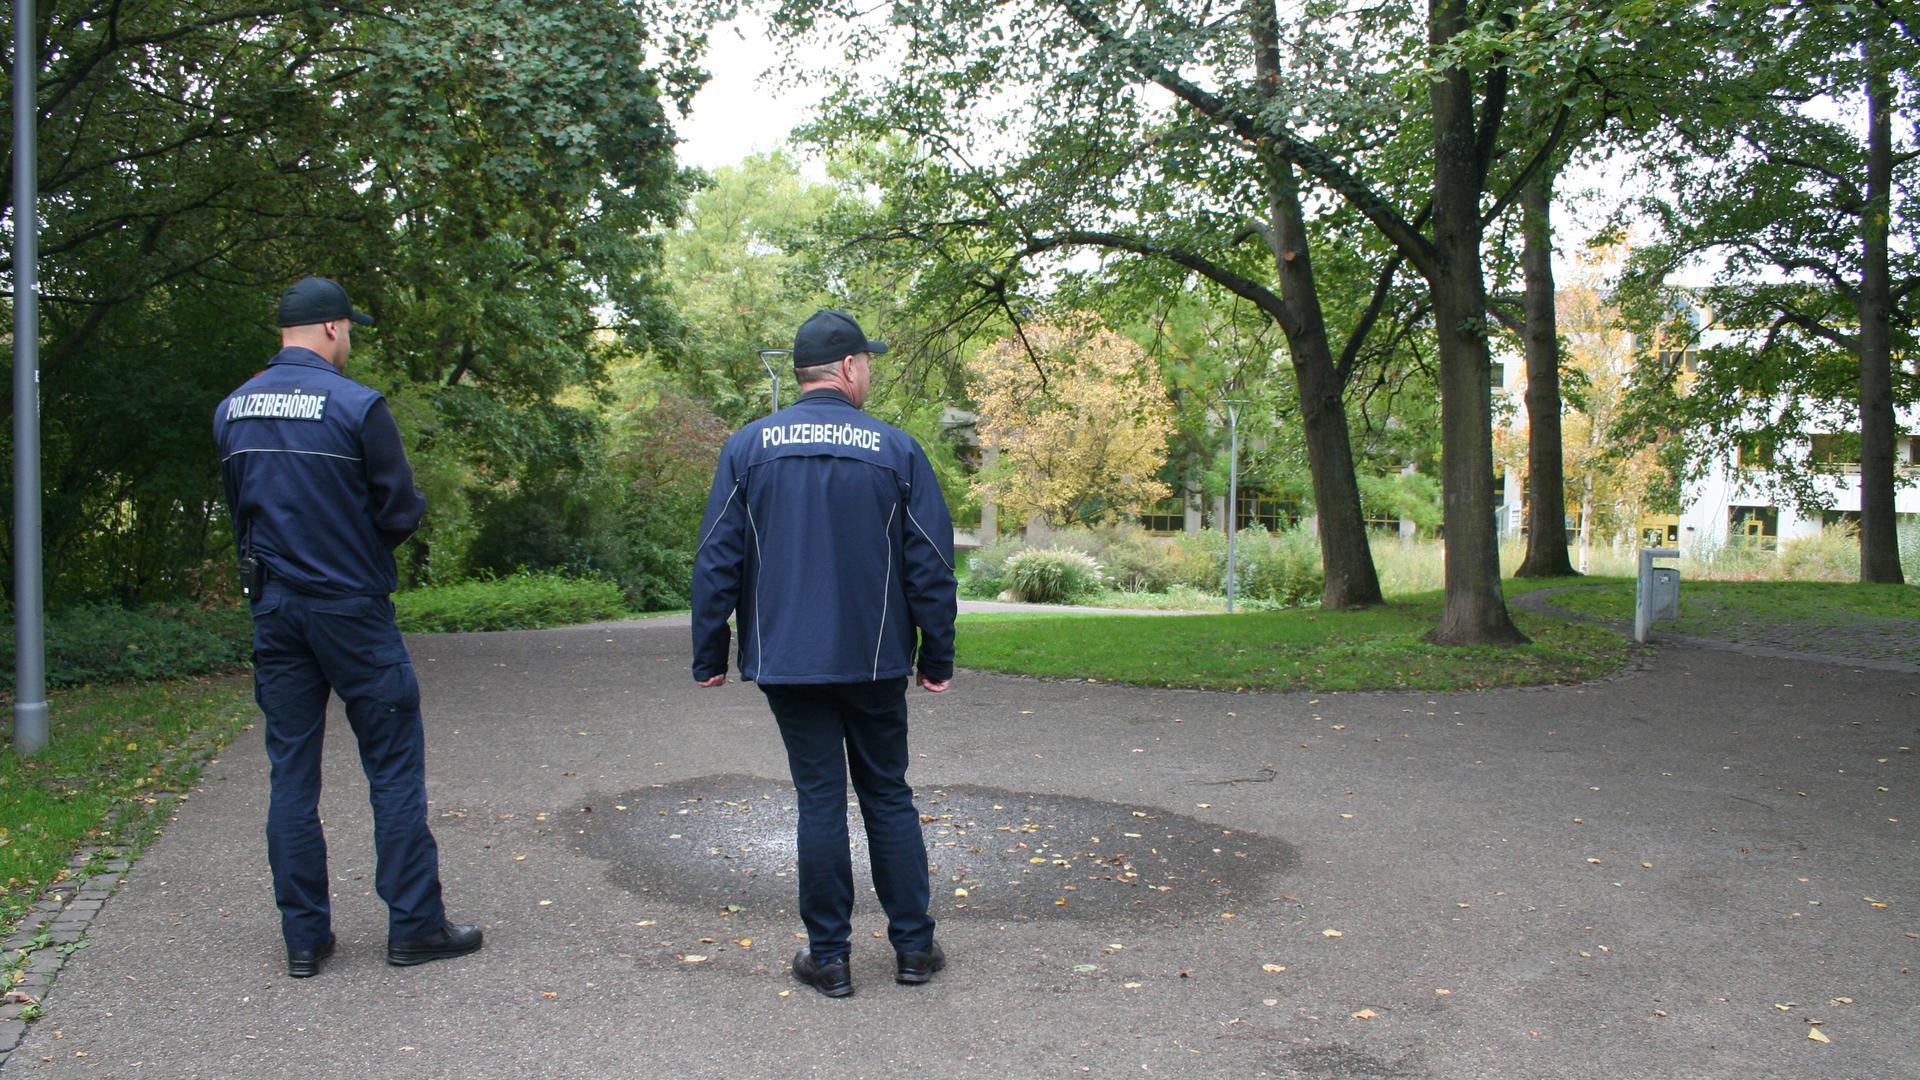 2 Herren der Polizeibehörde in einem Park